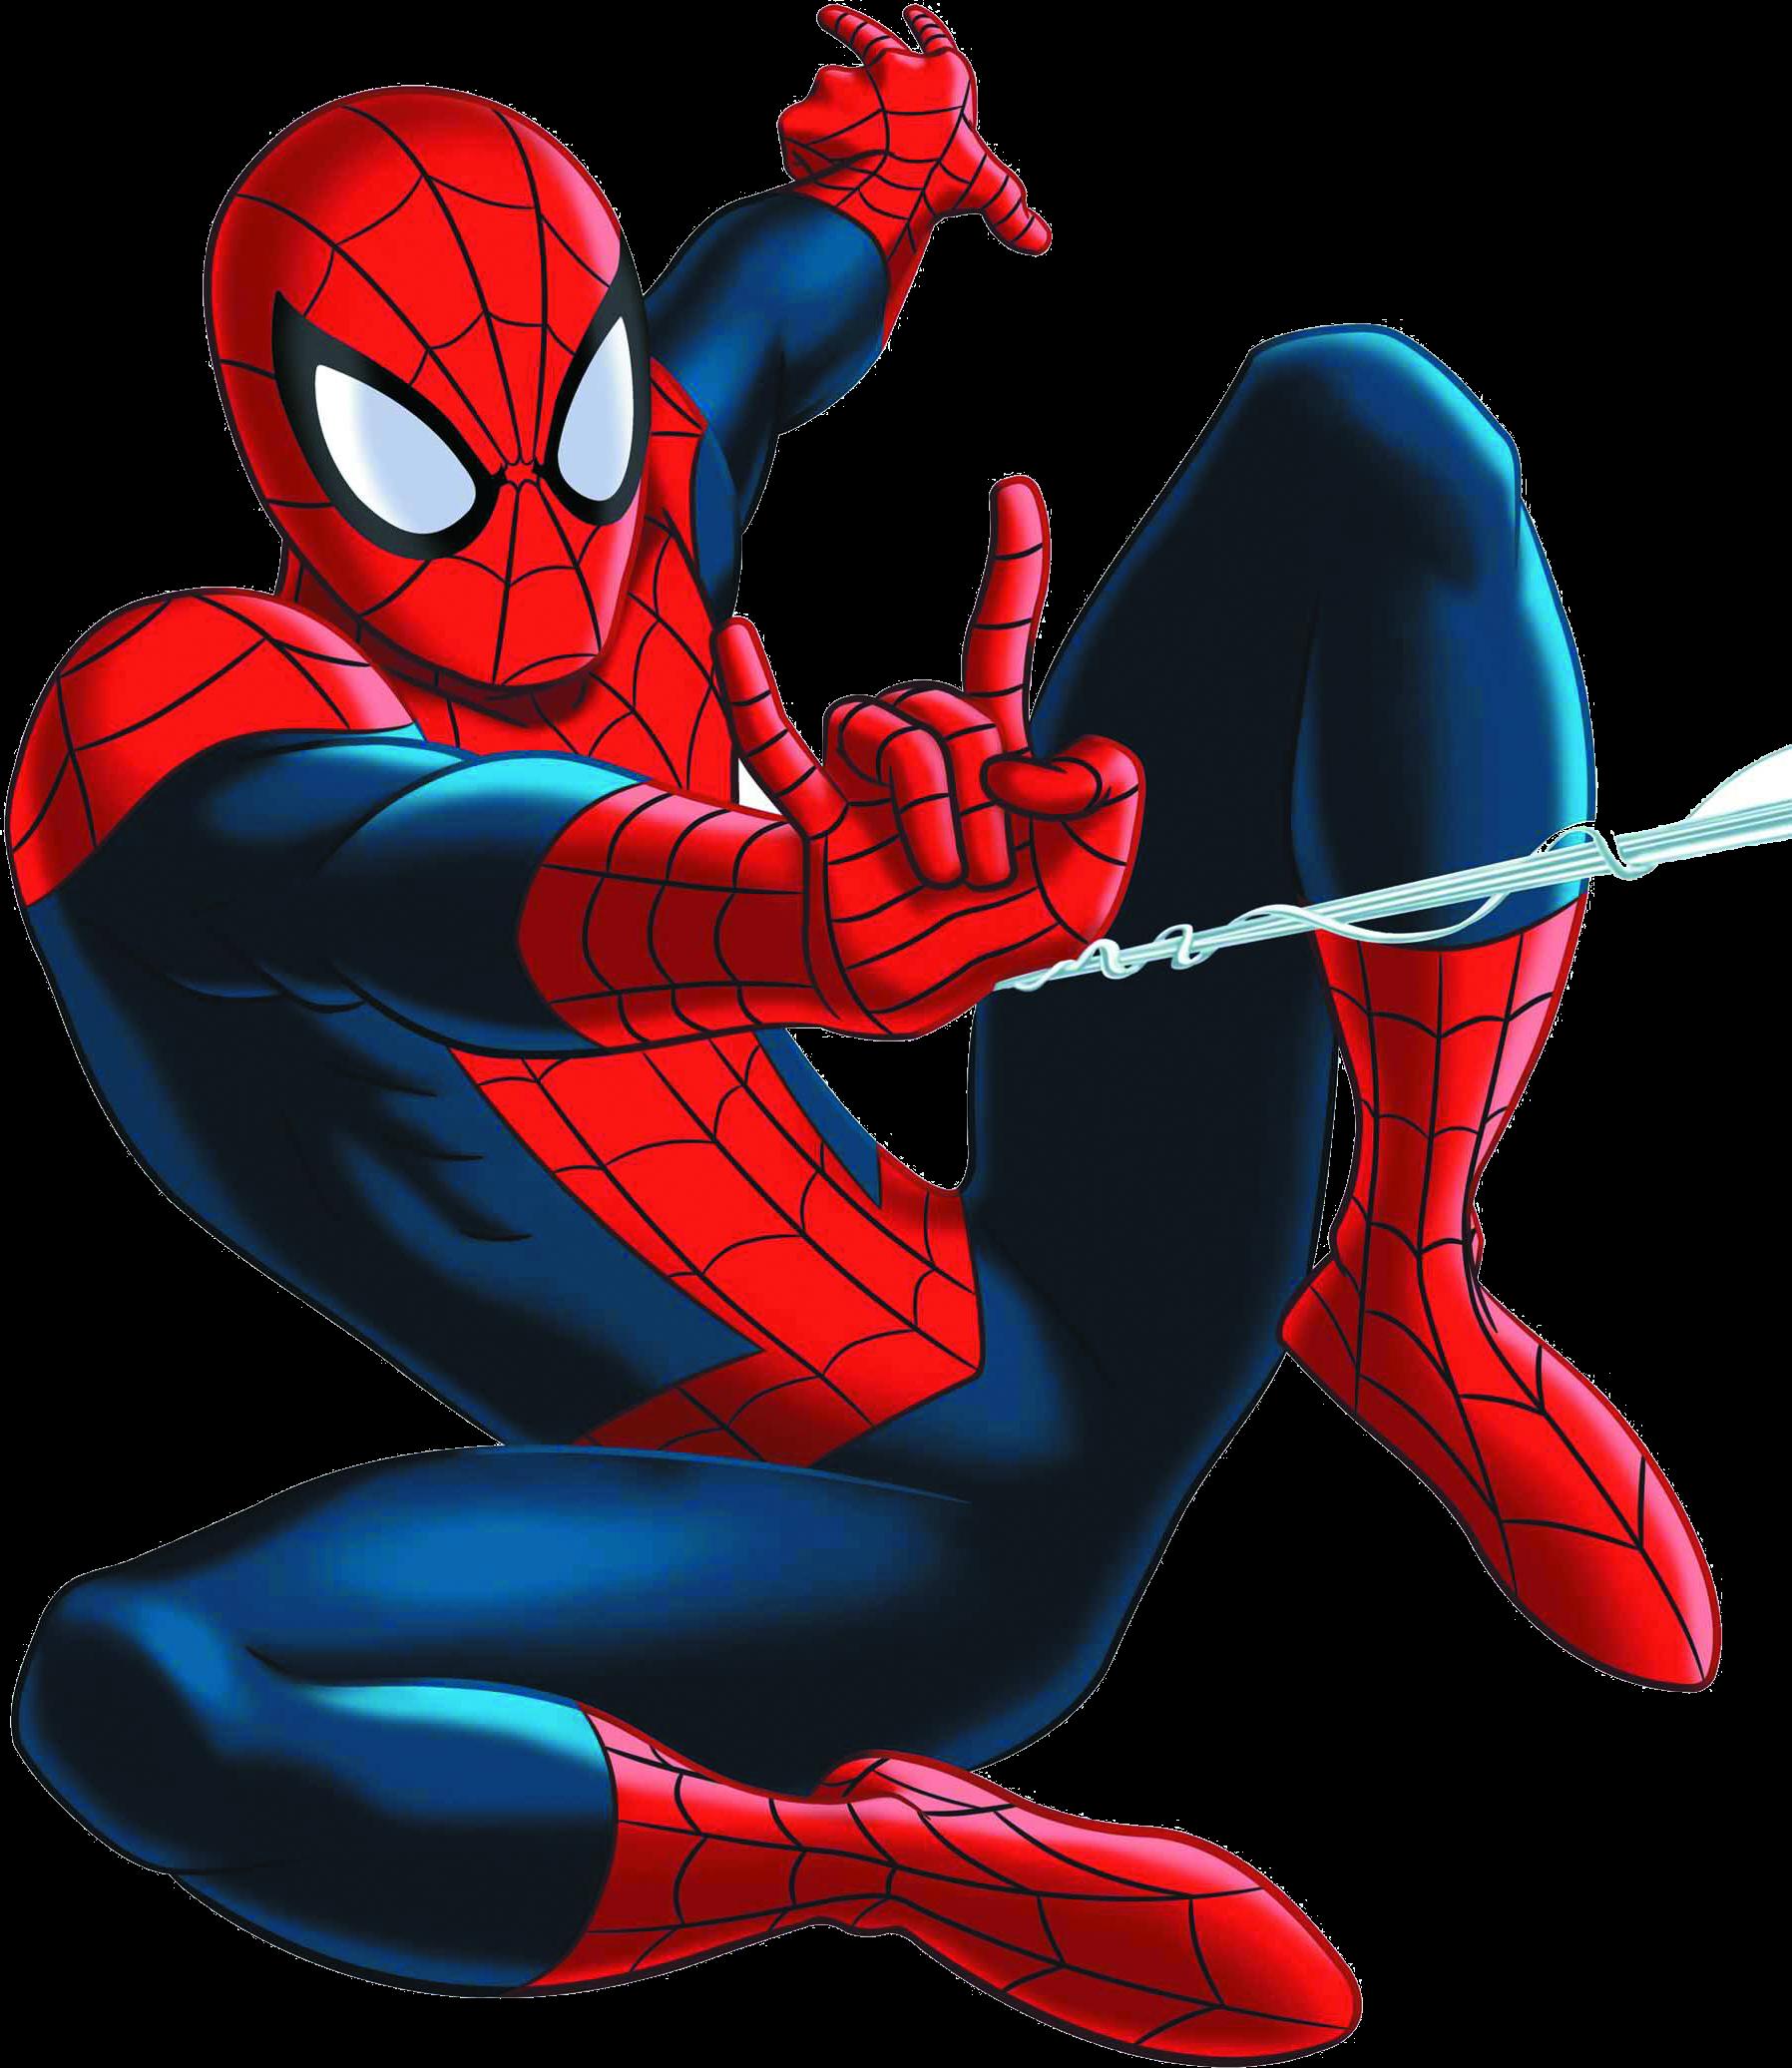 Spider man png transparent spider man png images pluspng - Images spiderman ...